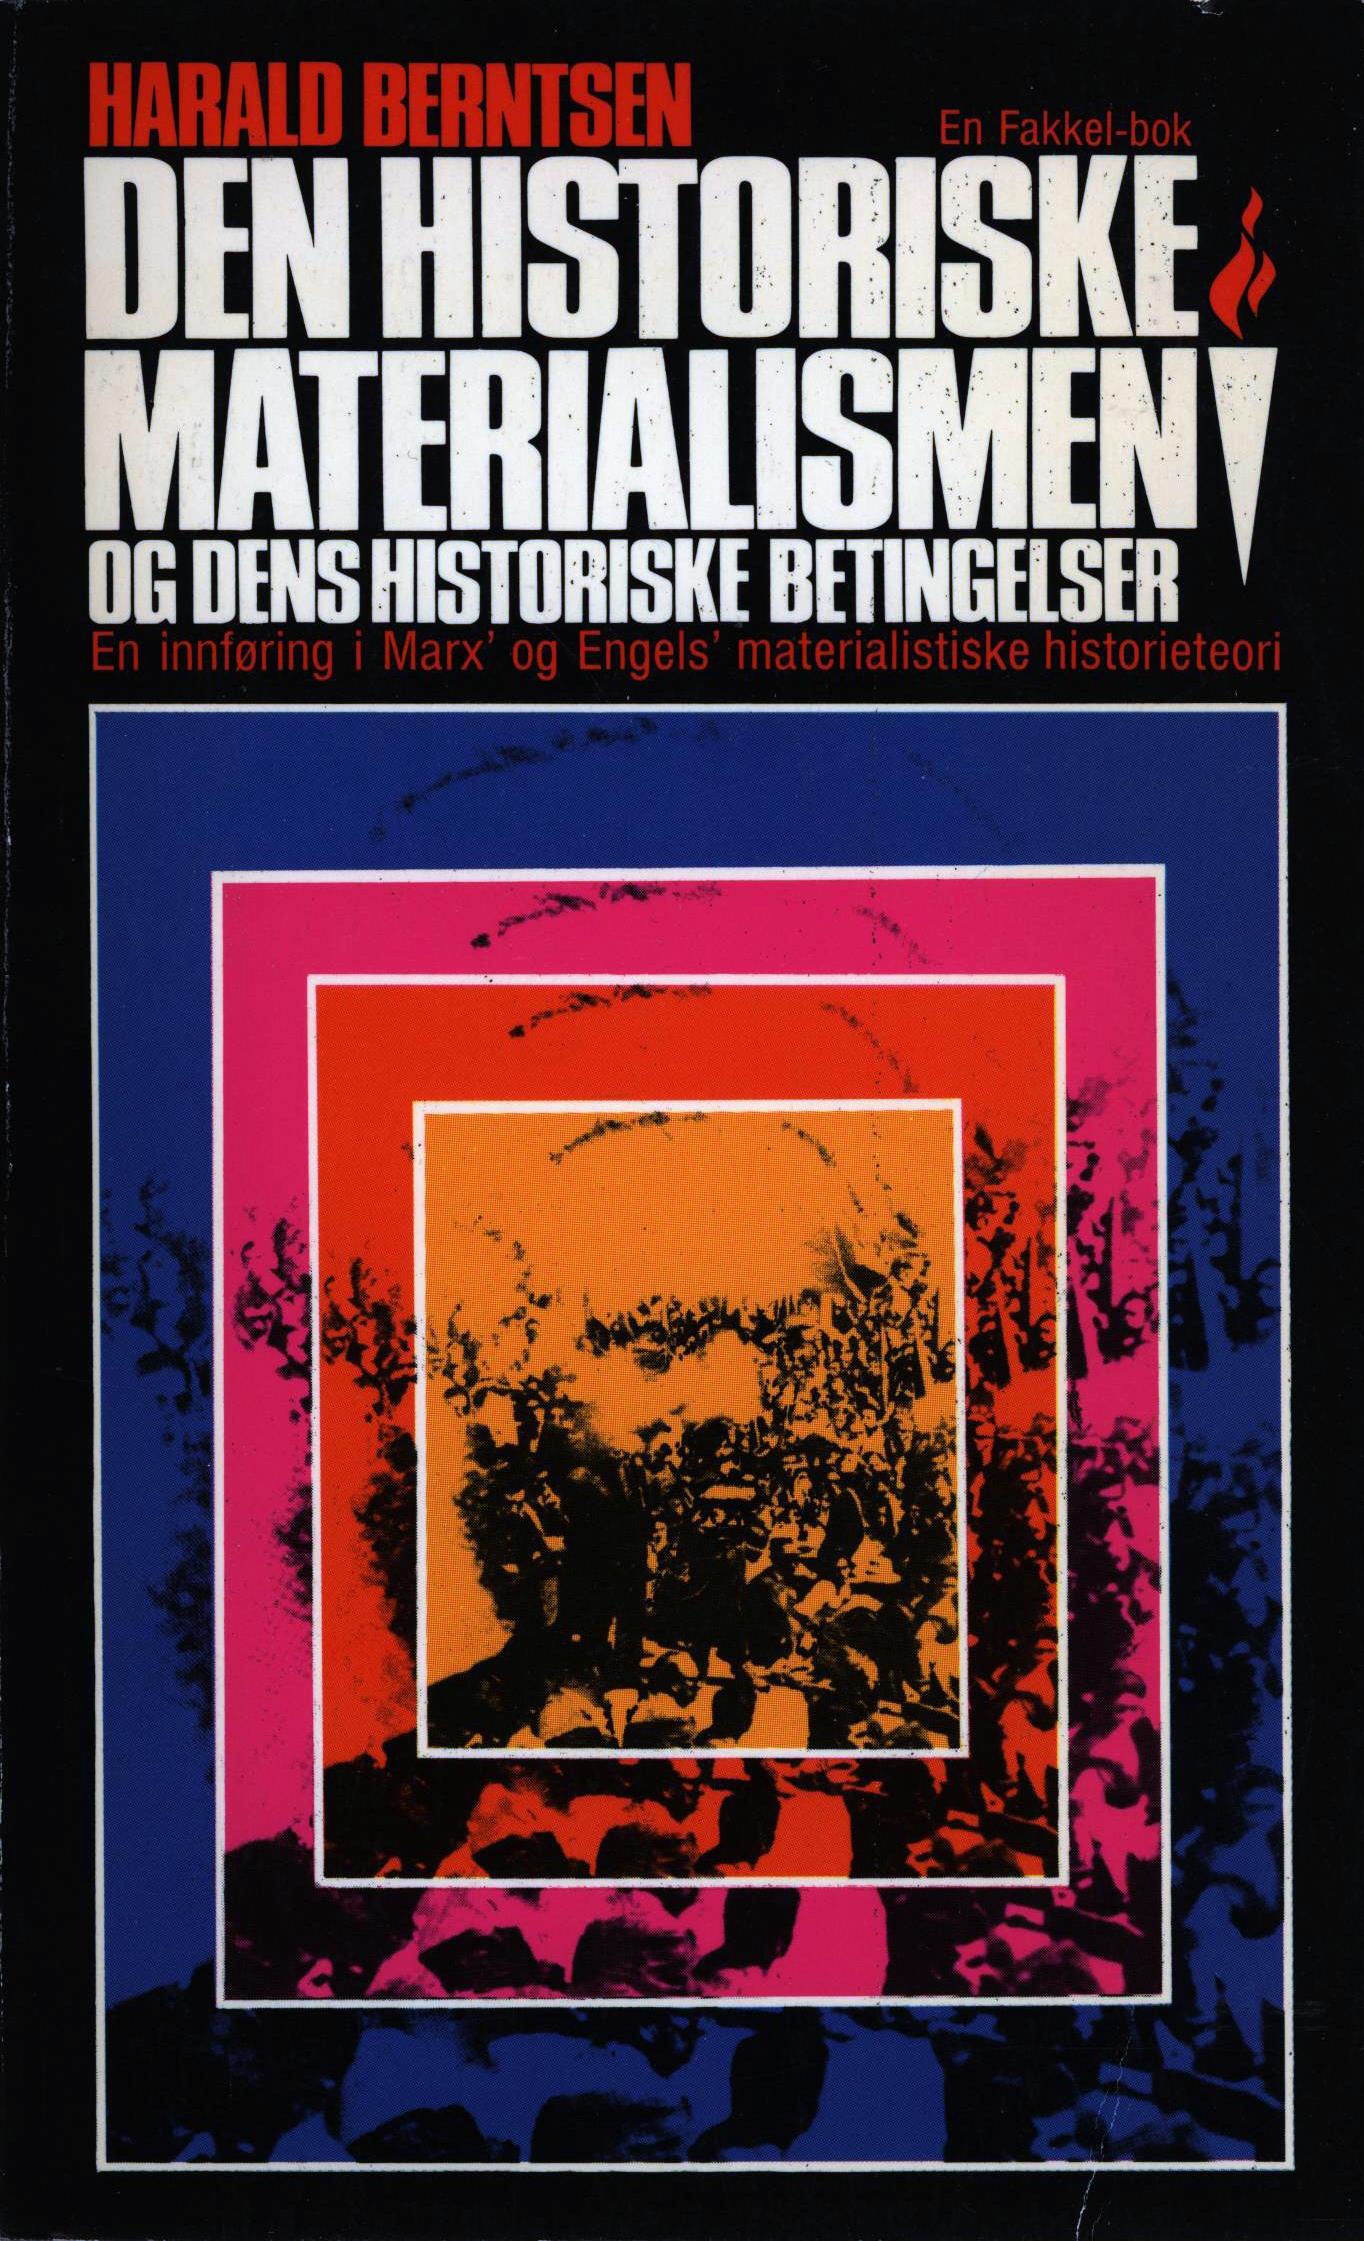 Harald Berntsen: Den historiske materialismen og dens historiske betingelser